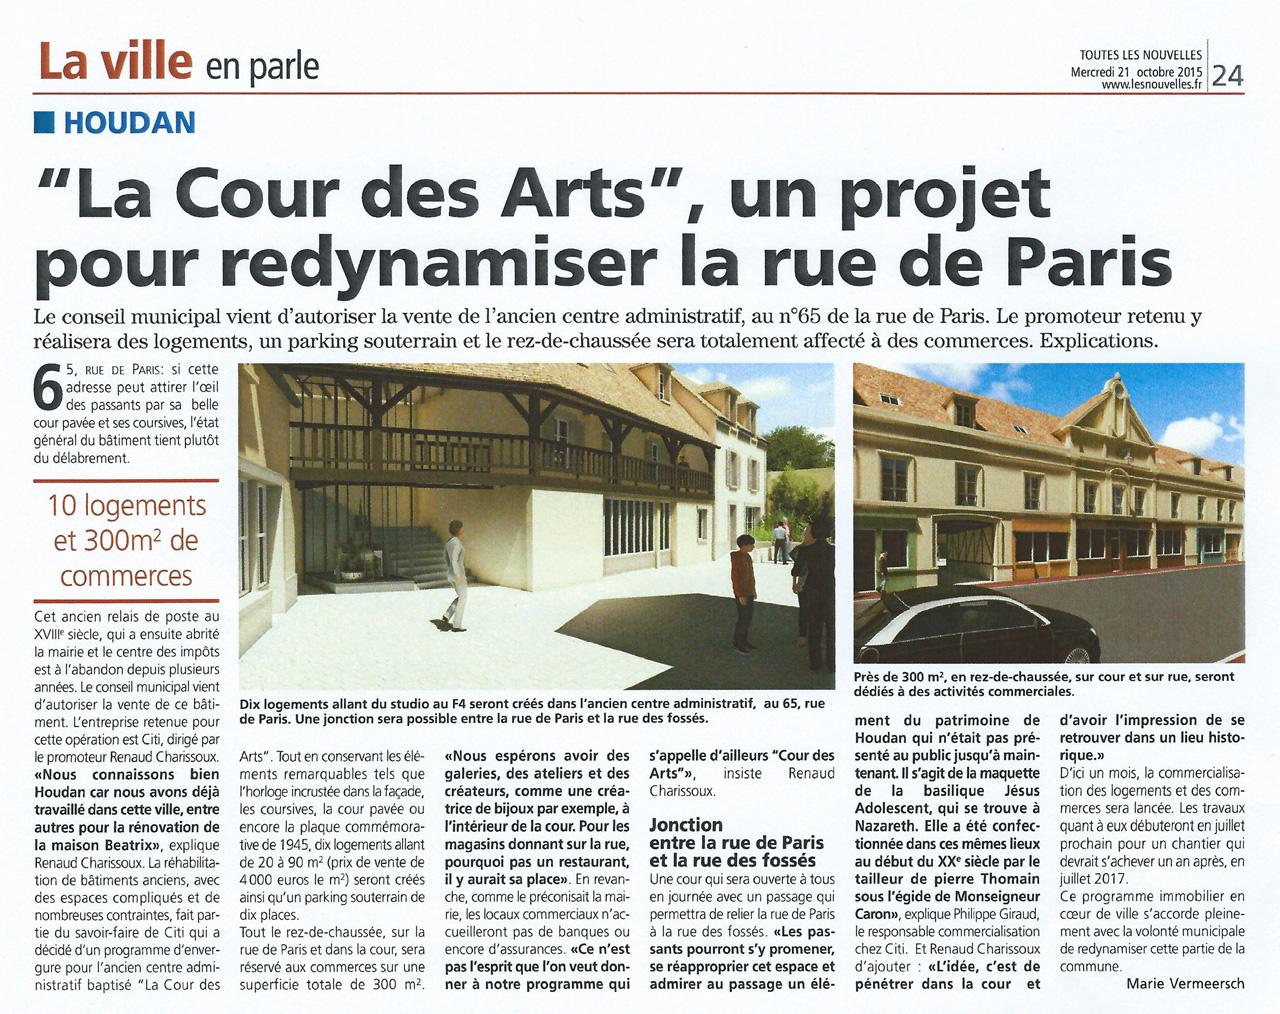 La_Cour_des _Arts_les_nouvelles